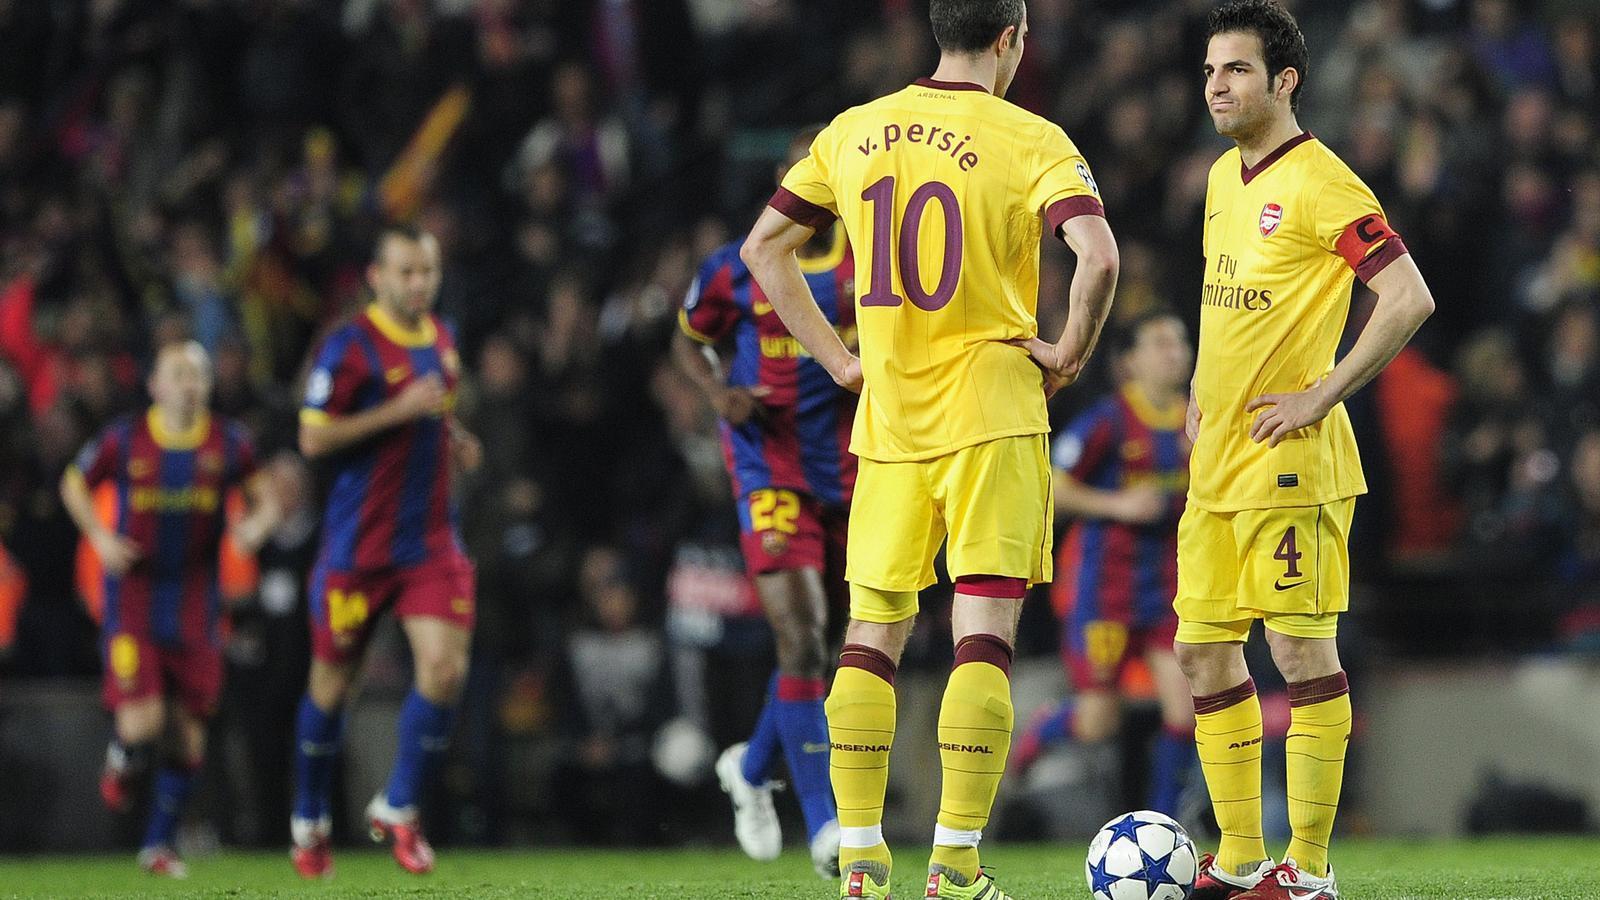 Cesc Fàbregas va viure un malson ahir al Camp Nou i va acabar substituït per unes petites molèsties. / JOSEP LAGO / AFP PHOTO